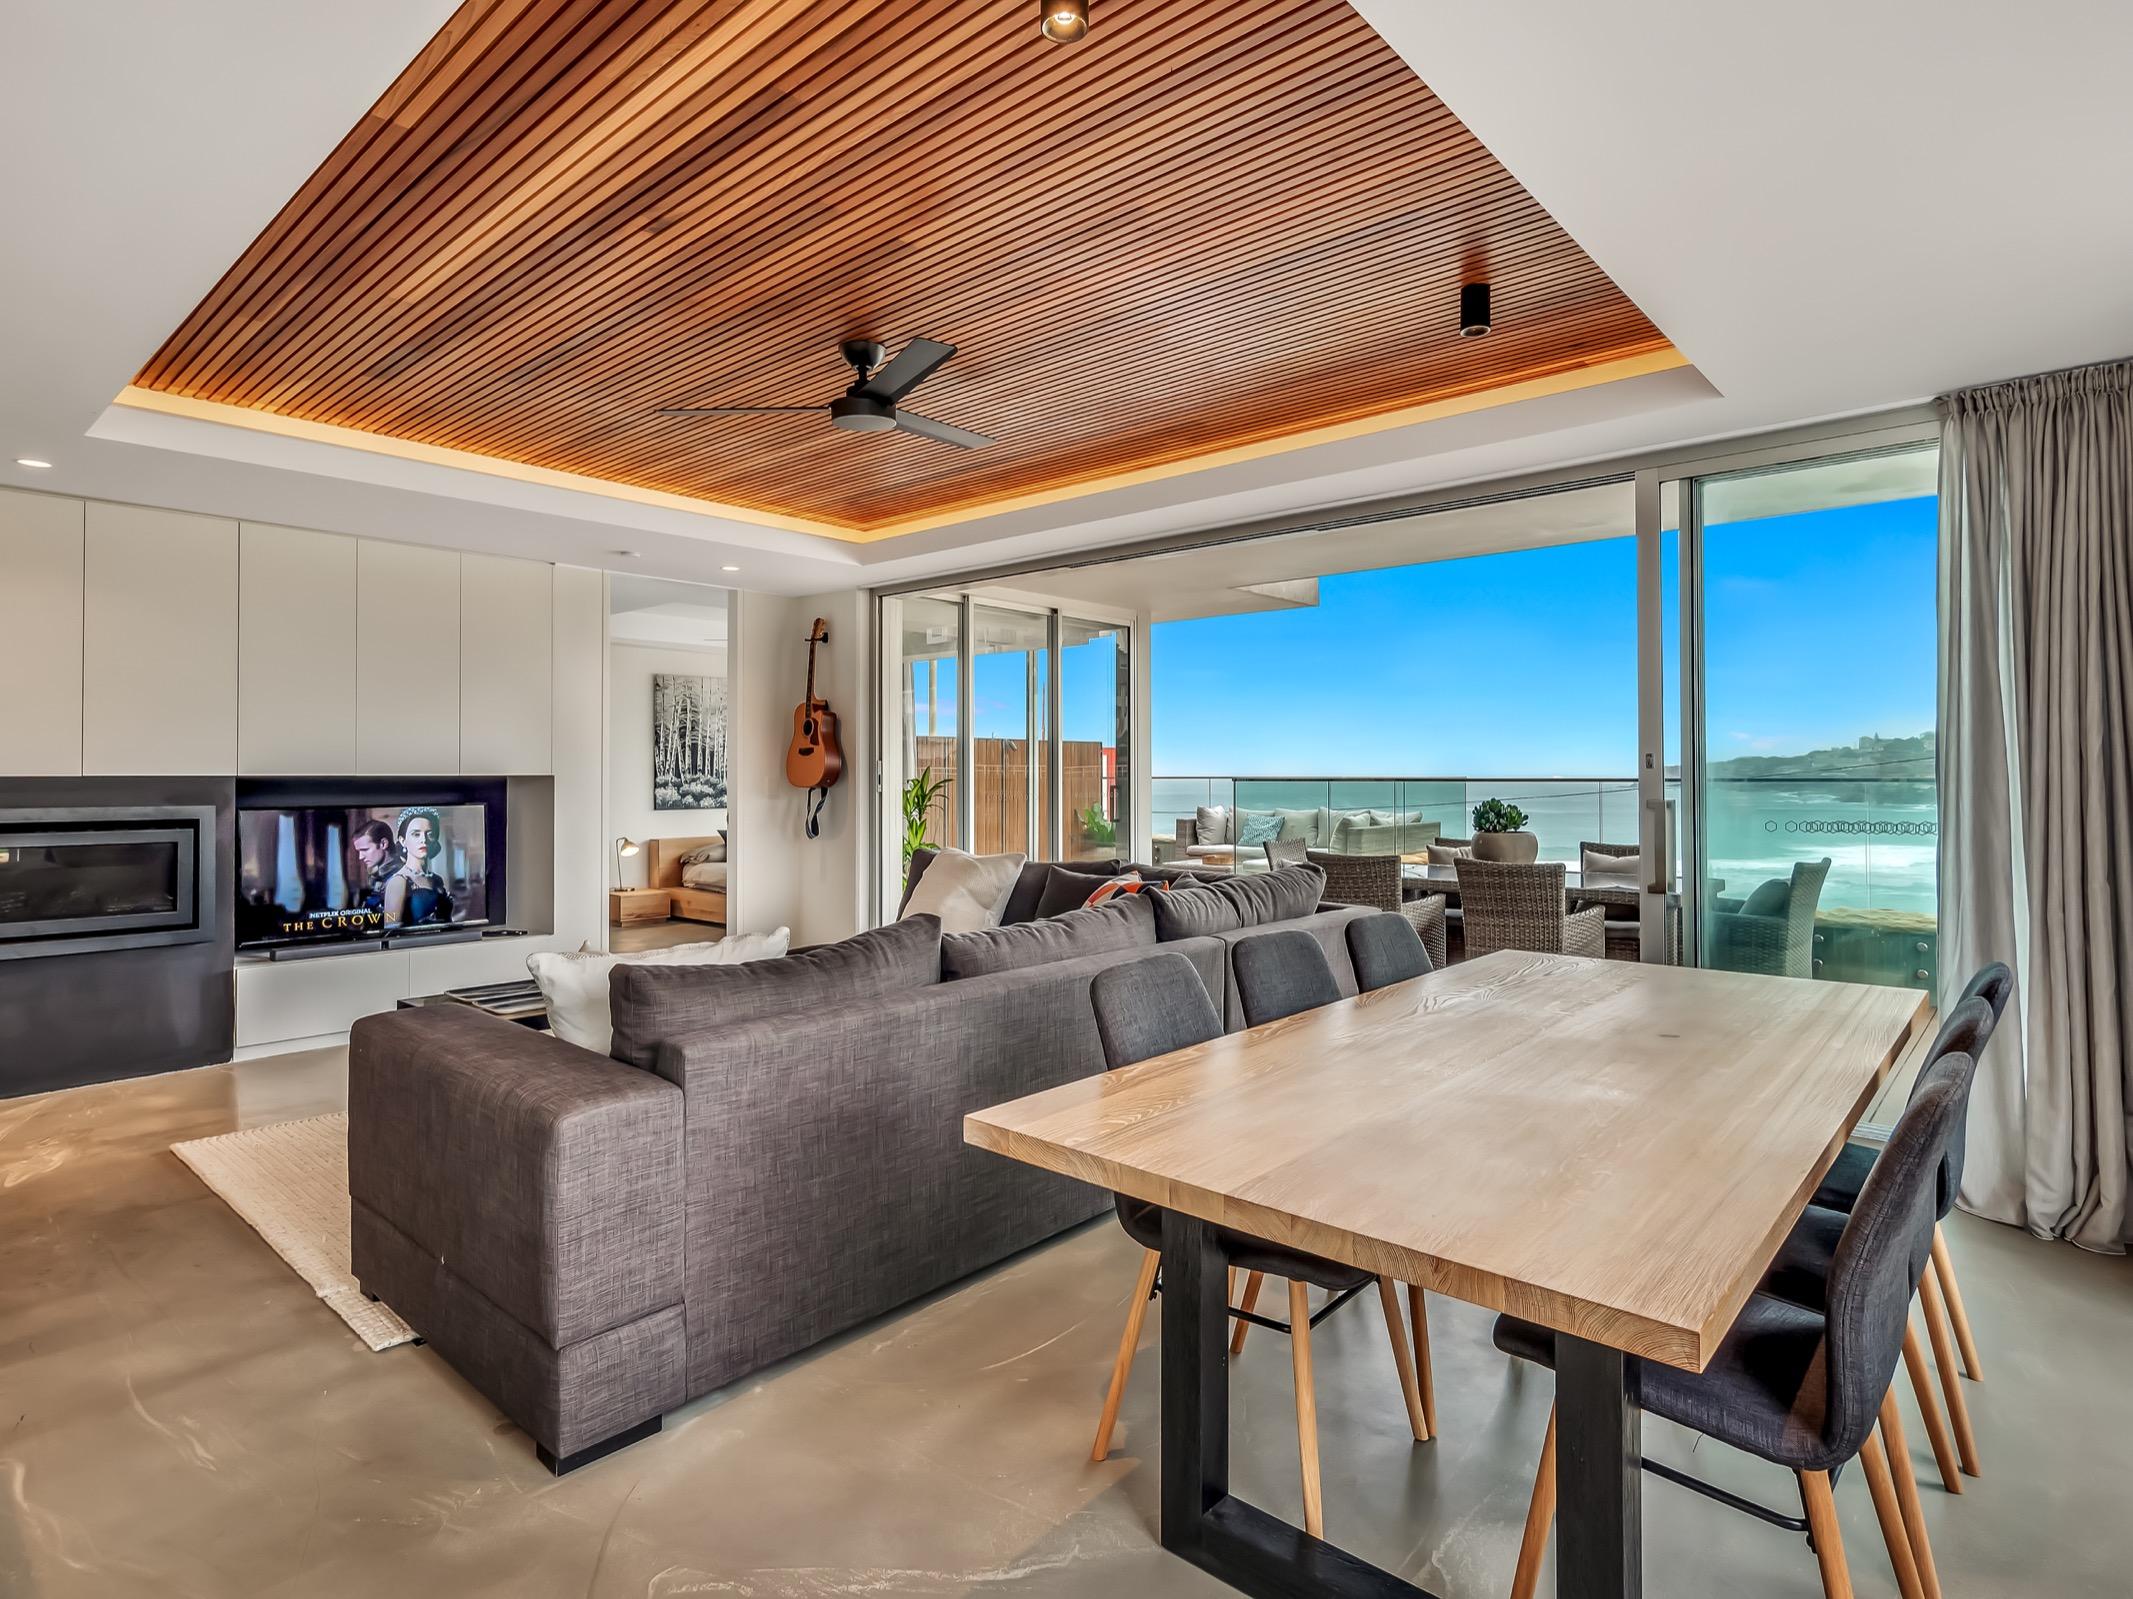 Beachfront Tamarama Residence. Bondi Beach Holiday Homes12.jpg